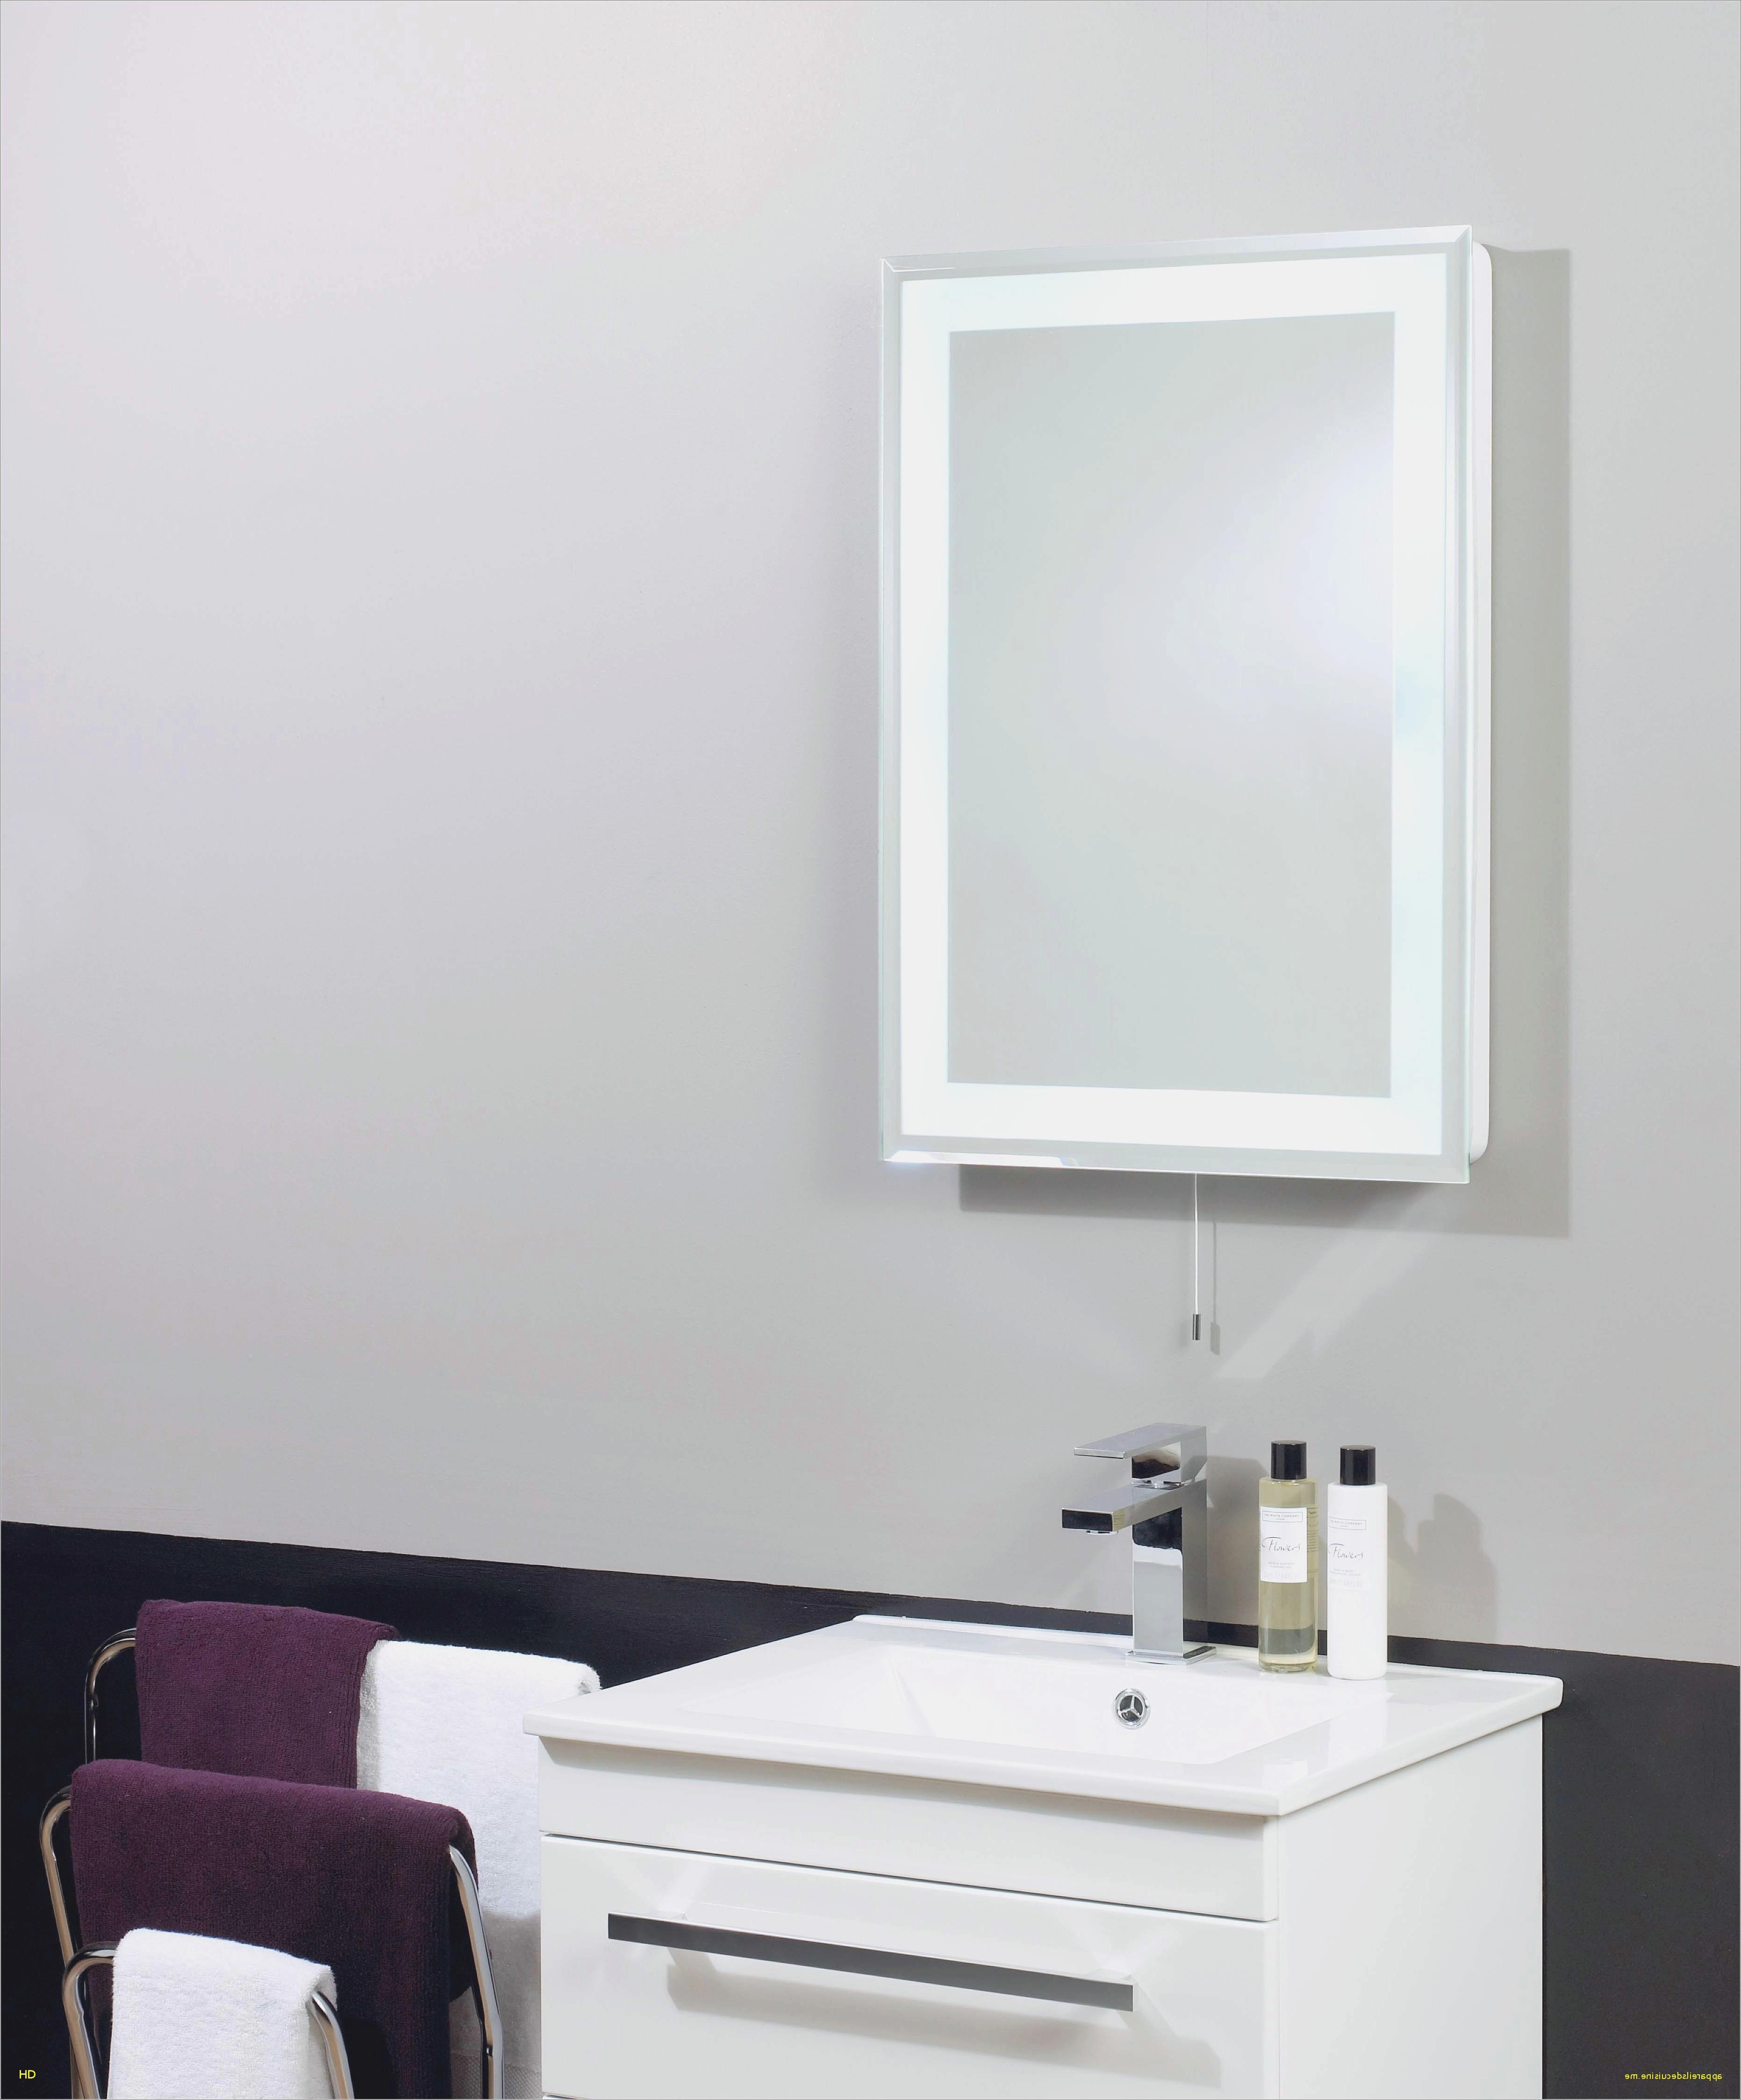 Armoire De toilette Miroir Castorama Frais Stock Meuble Miroir Salle De Bain Castorama Miroir Salle De Bain Led